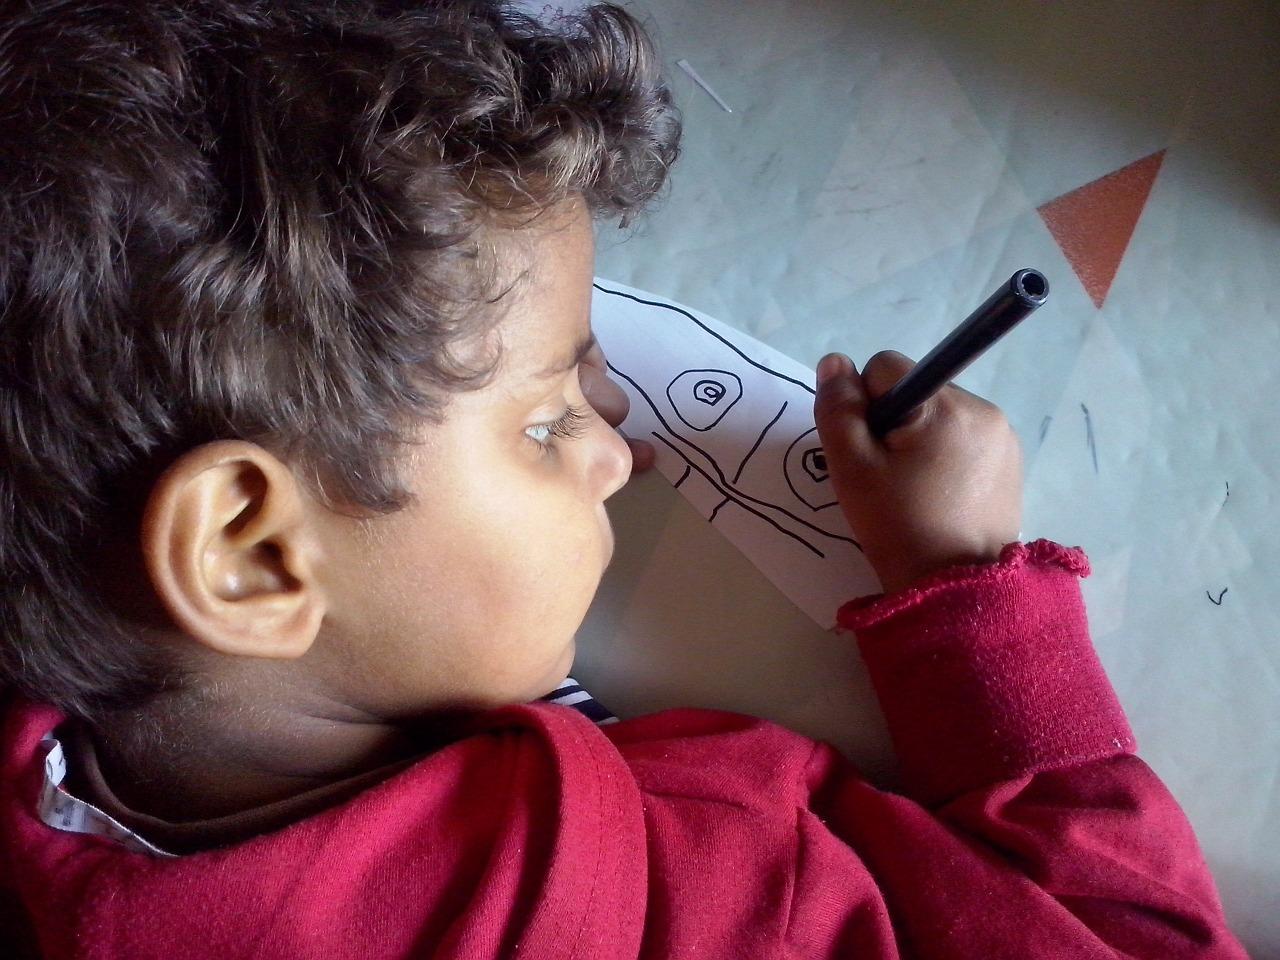 اطلبي من طفلك أن يرسم الوحش